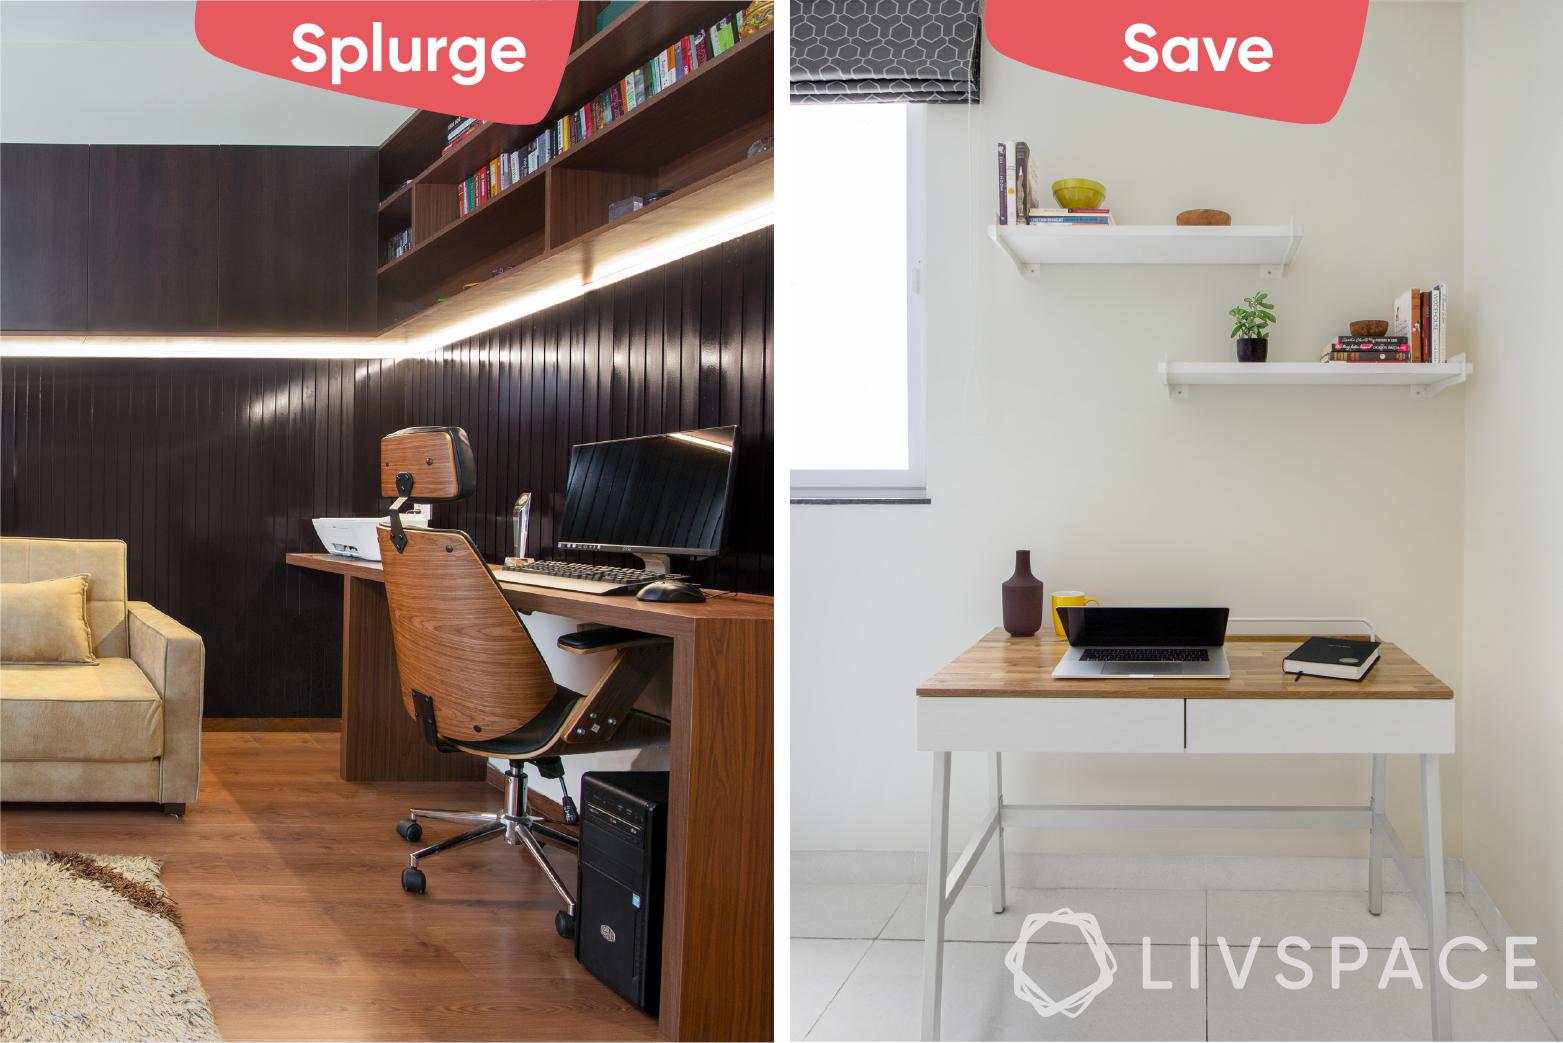 ideas-for-house-design-ergonomic-office-chair-minimal-desk